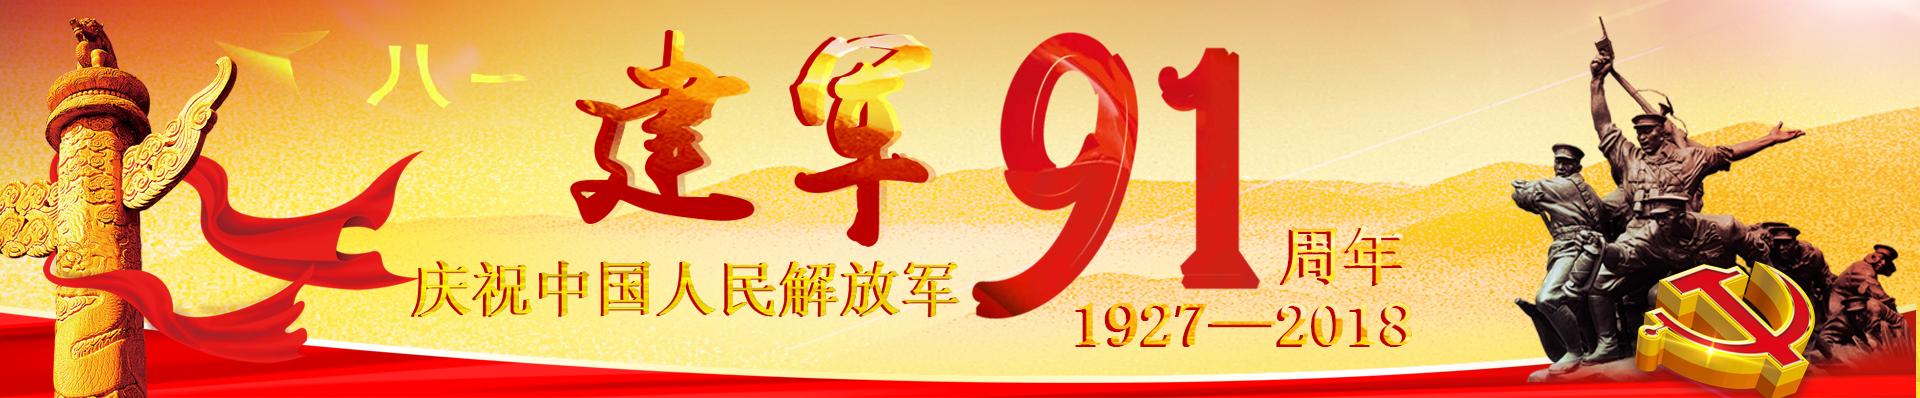 有人在京彩玩彩票么,庆祝中国人民解放军建军91周年